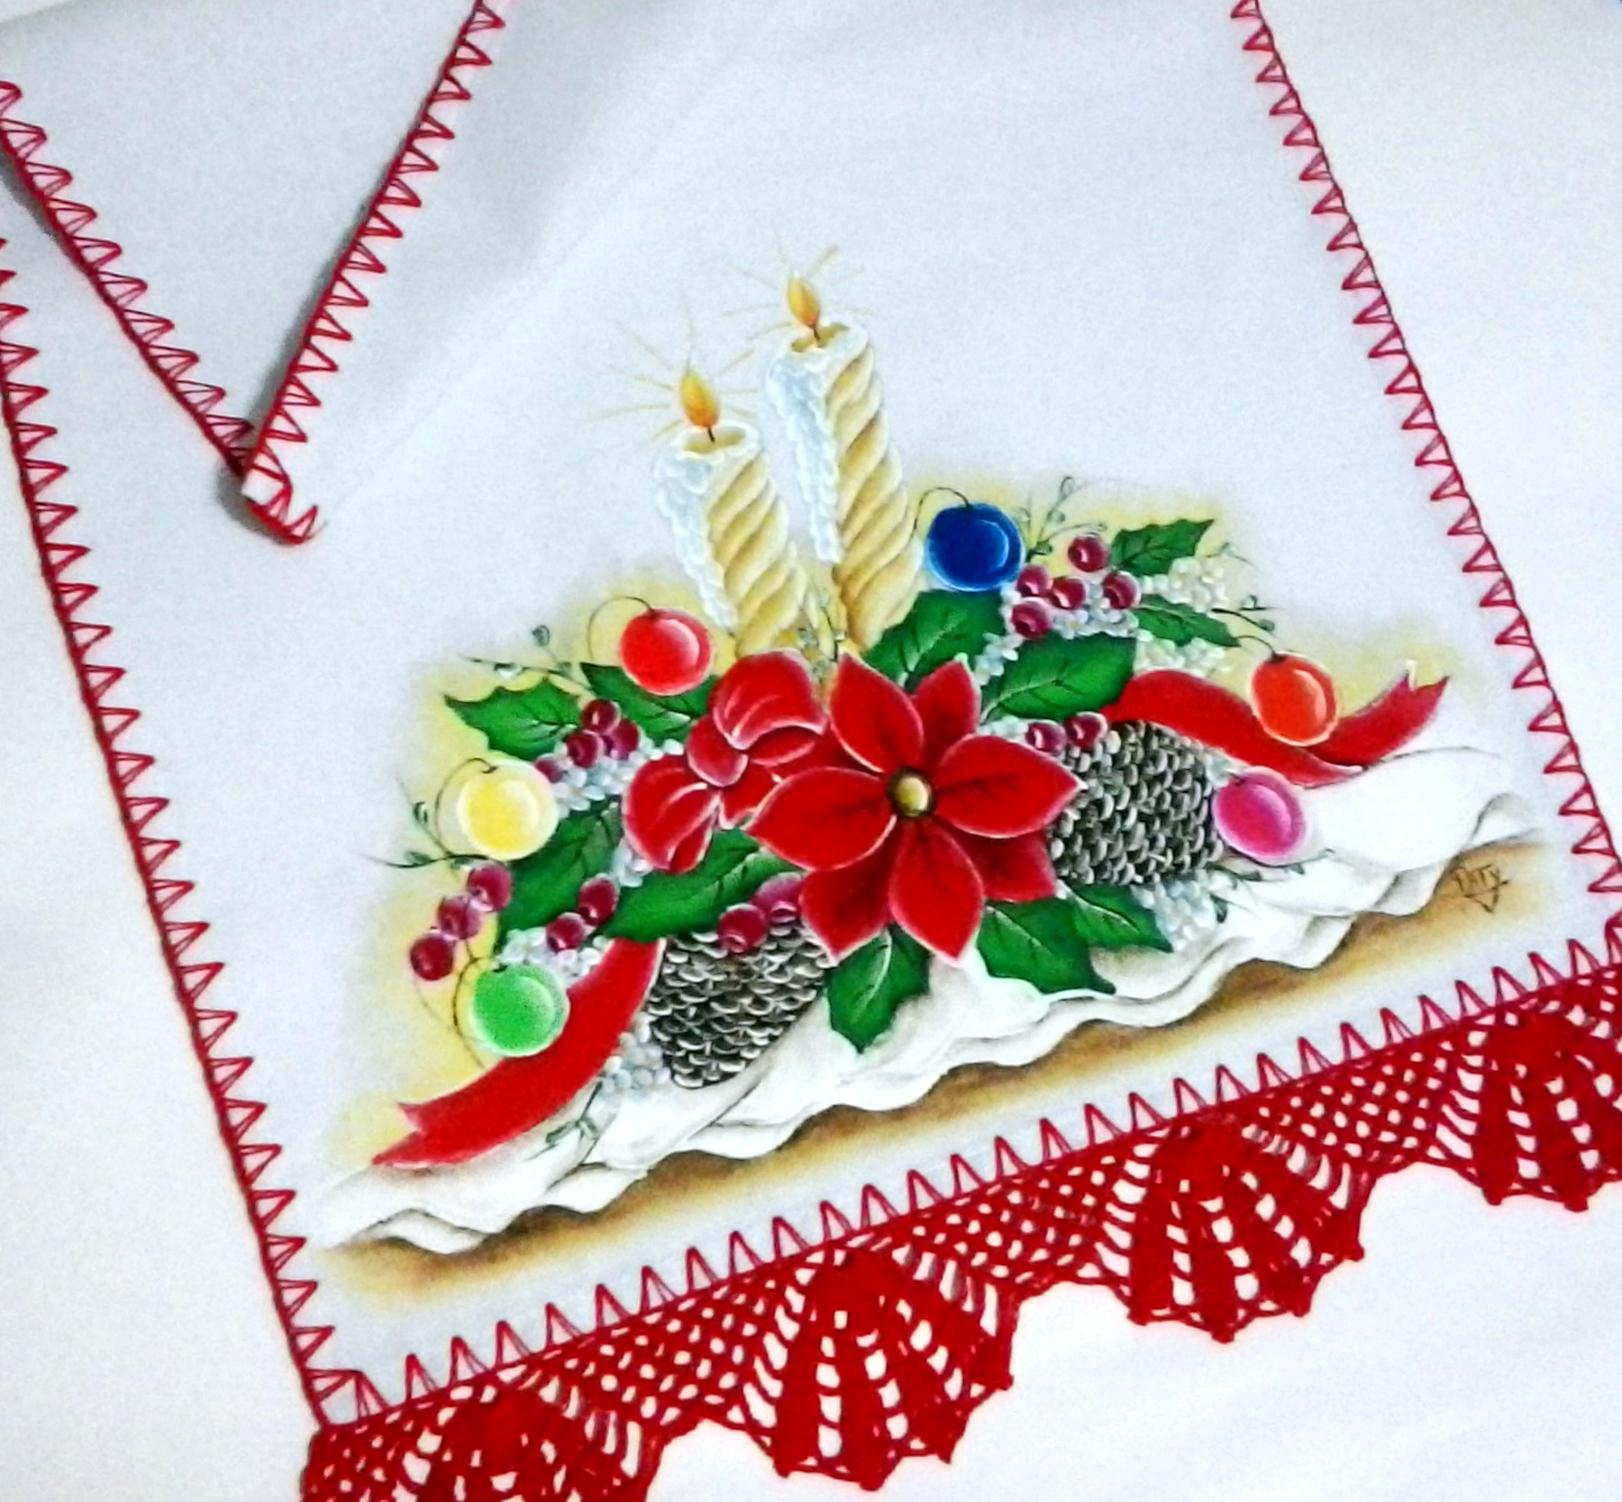 Pano De Copa De Natal Pintado A Mao No Elo7 Pintura Em Tecido E